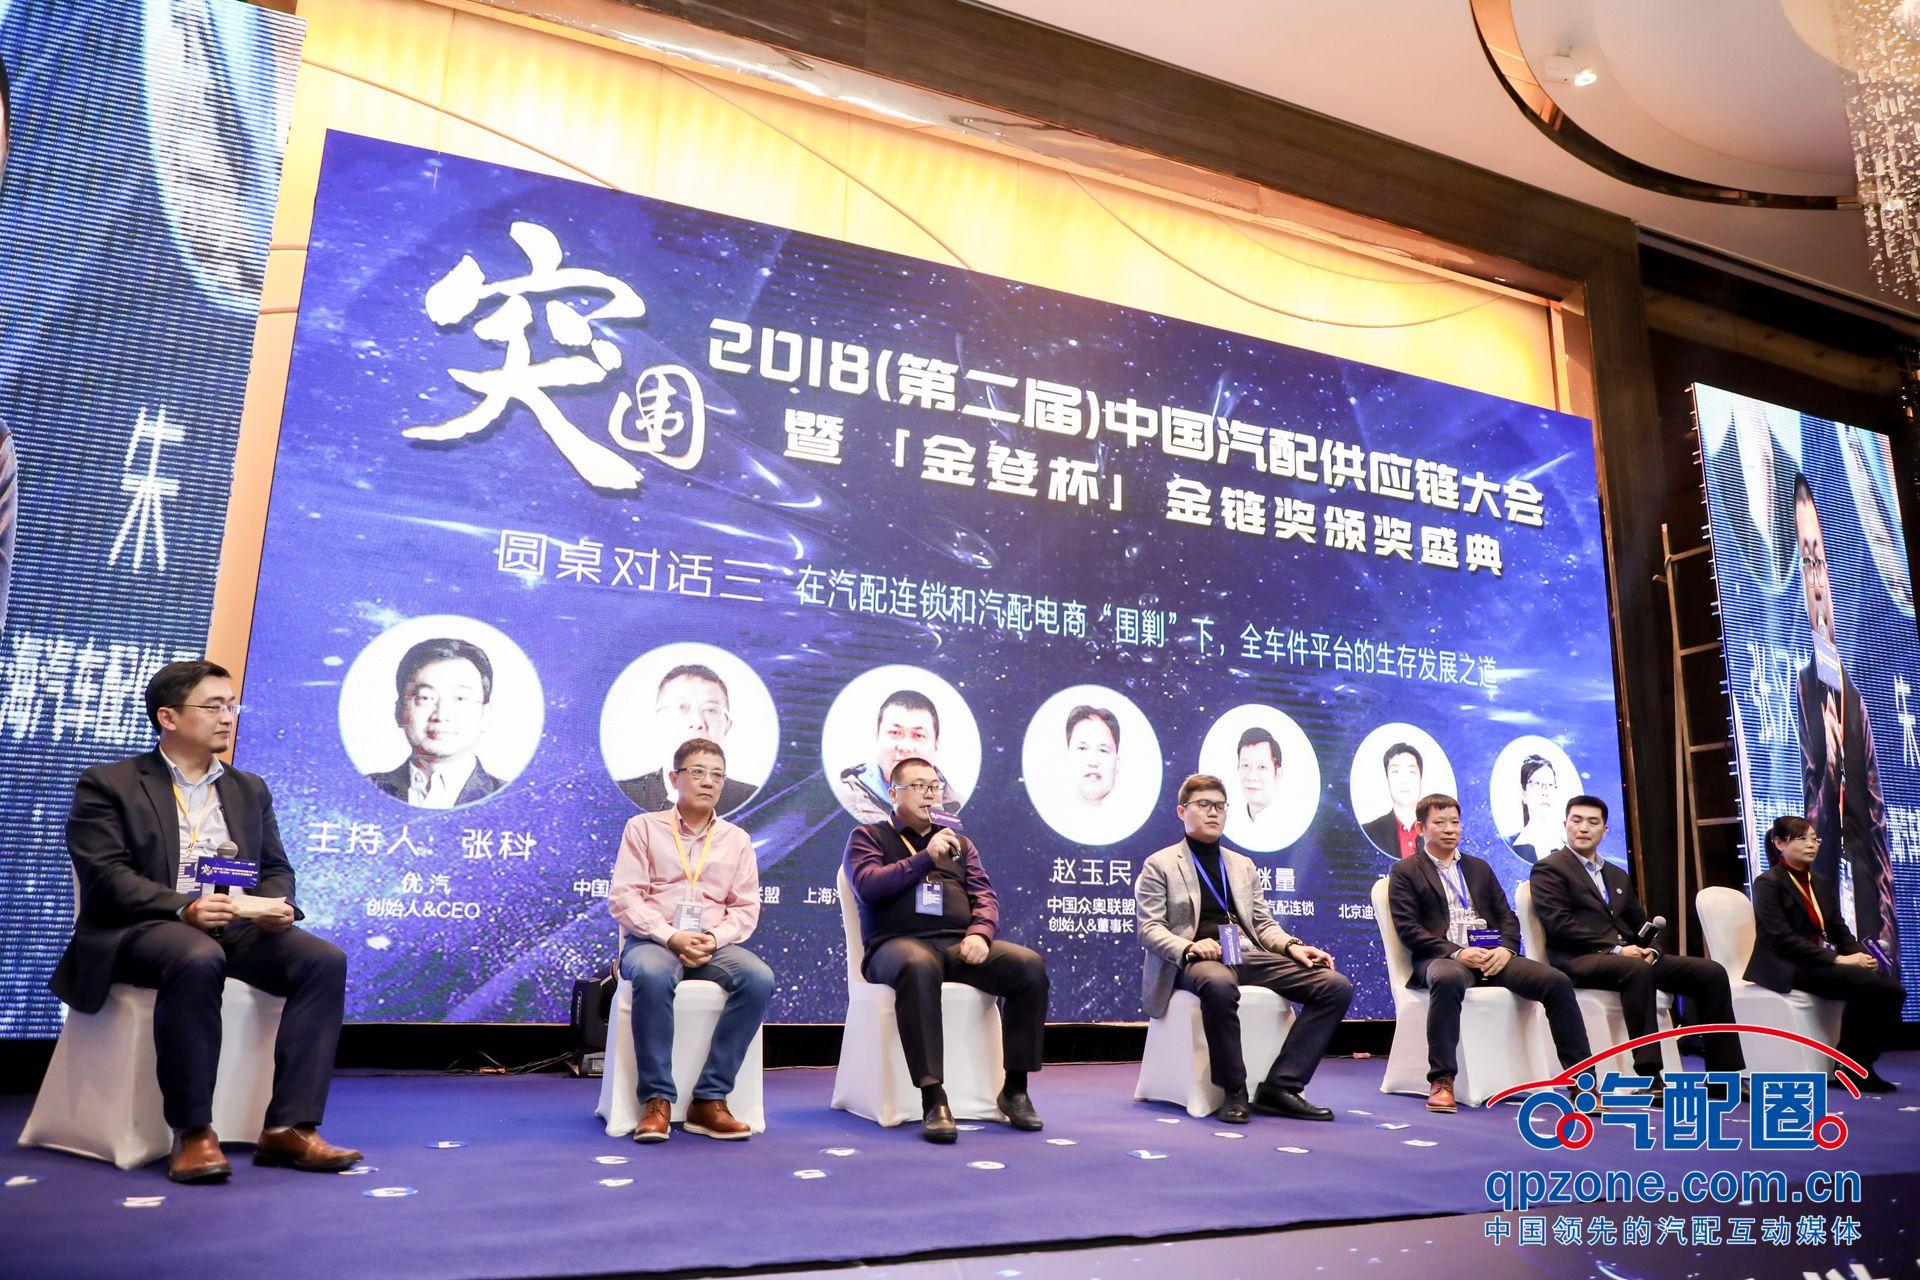 嘉宾从左往右依次为:张科、张汉林、朱波、刘培海、李继量、张永中、孙志荣